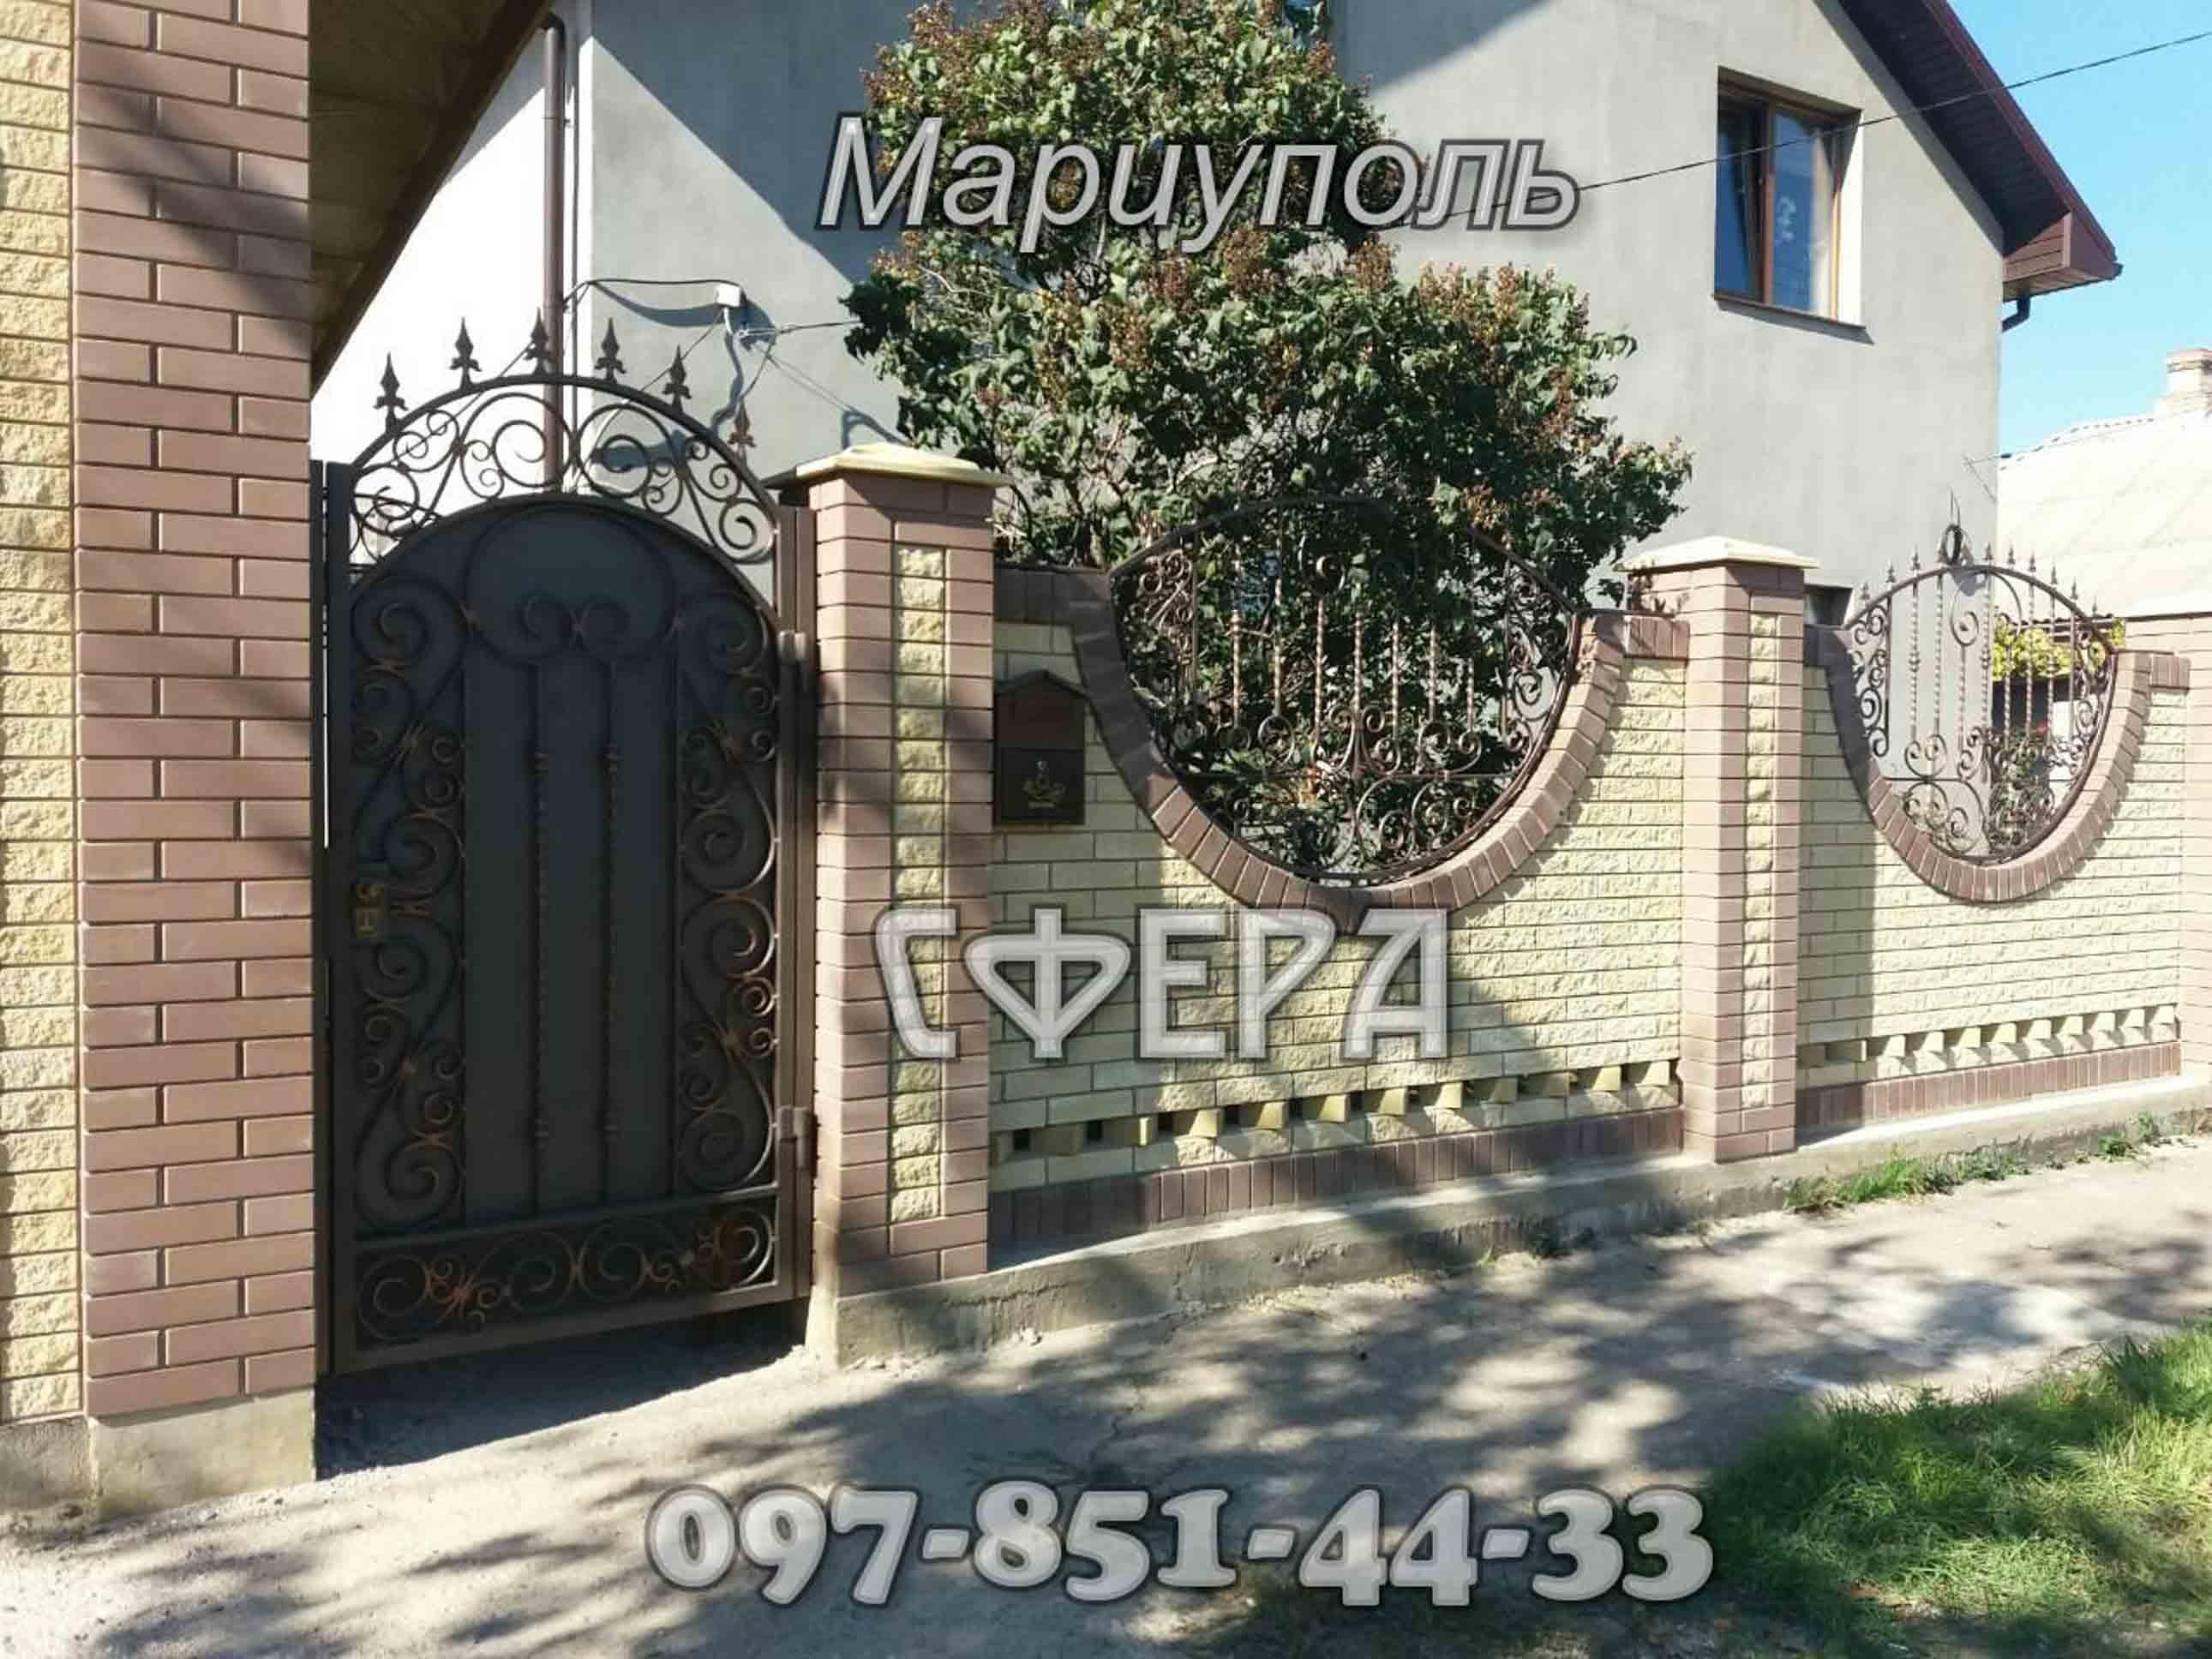 Заборы металлические, кованые, с профлиста, блок-хаус, решетчатые. фото 1